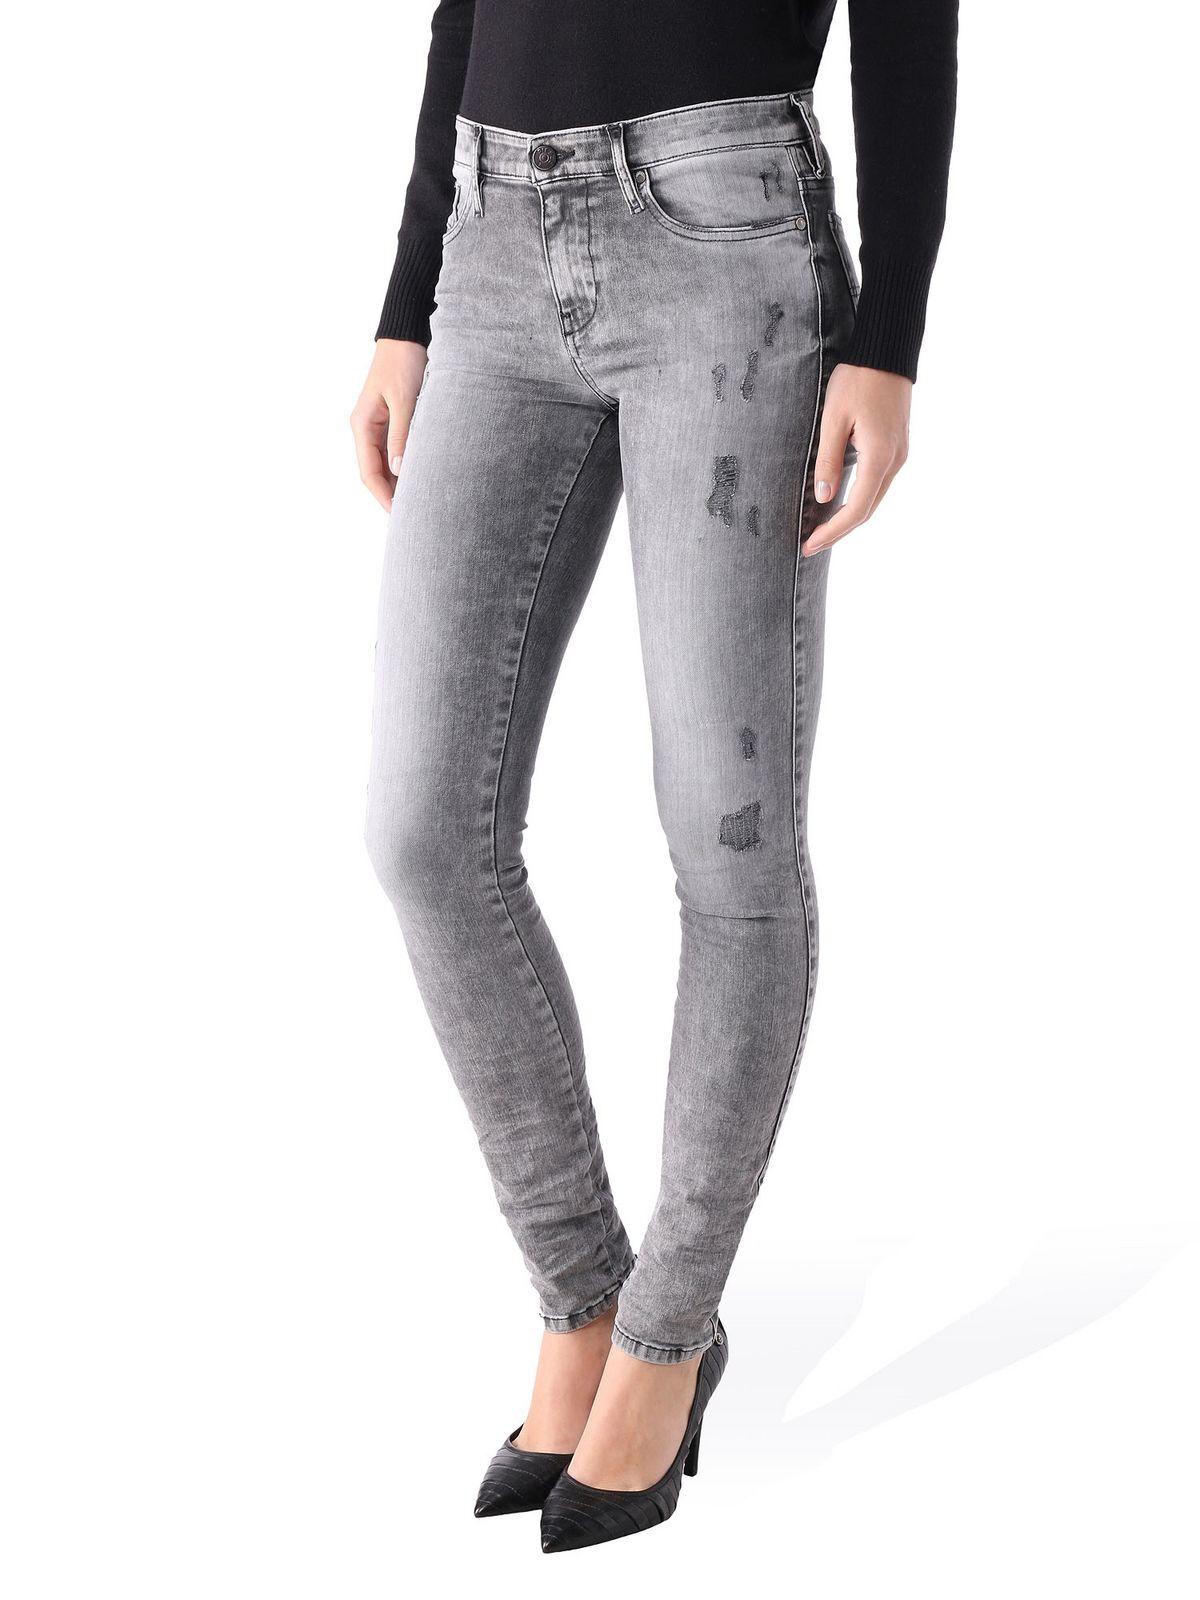 ff5a3075c38ddd New Women's Diesel D.N.A Skinzee Super Skinny Jeans WASH0847Y | eBay